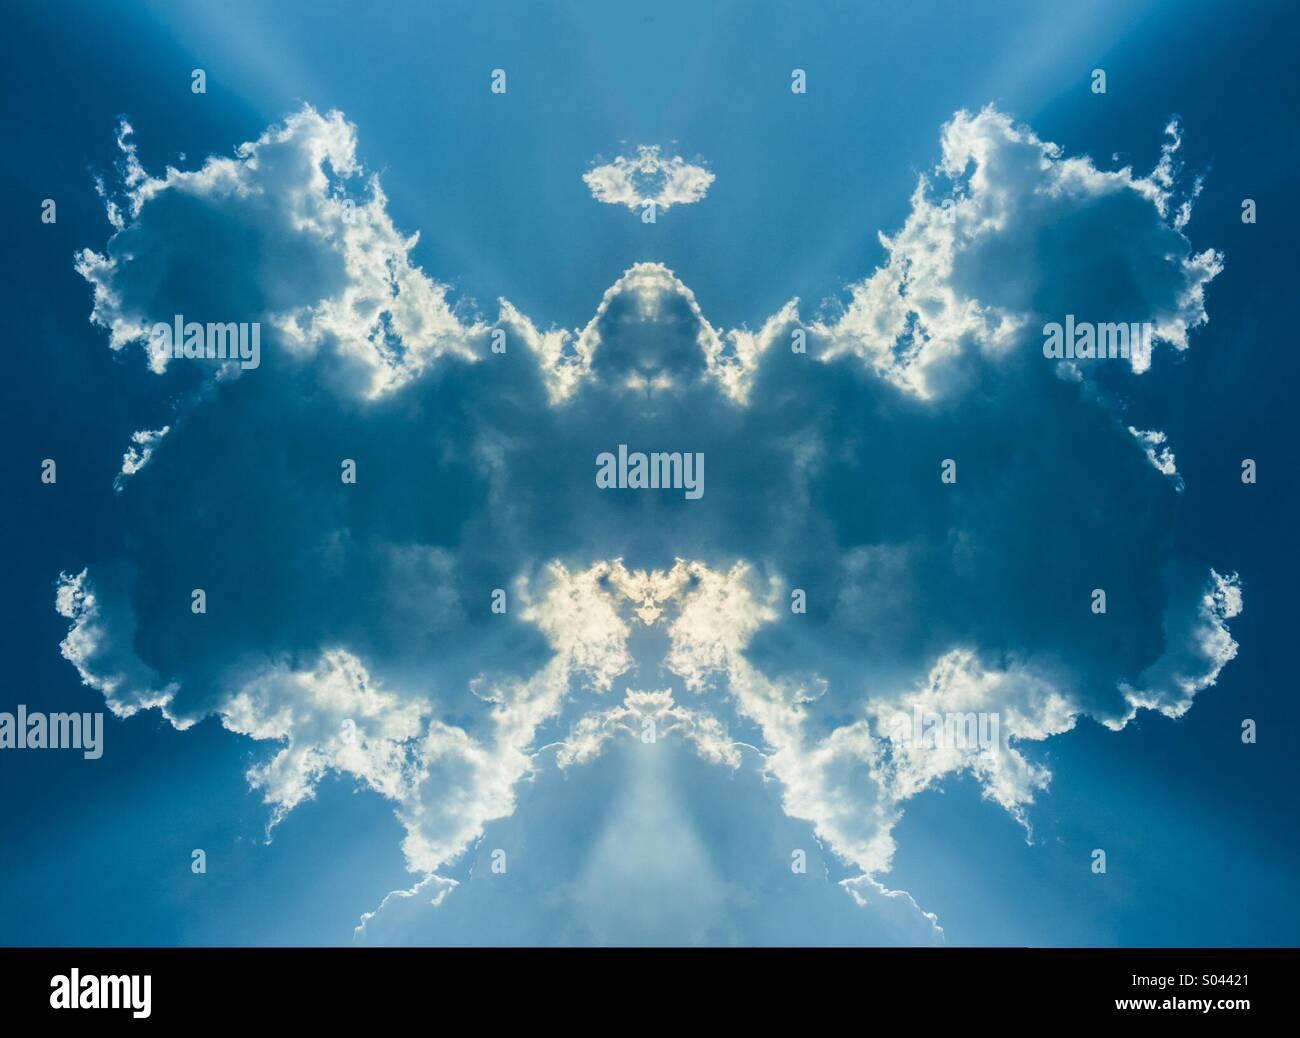 La luce del sole da nascondere la simmetria il cloud è simile a un grande ali di un uccello o un angolo Immagini Stock